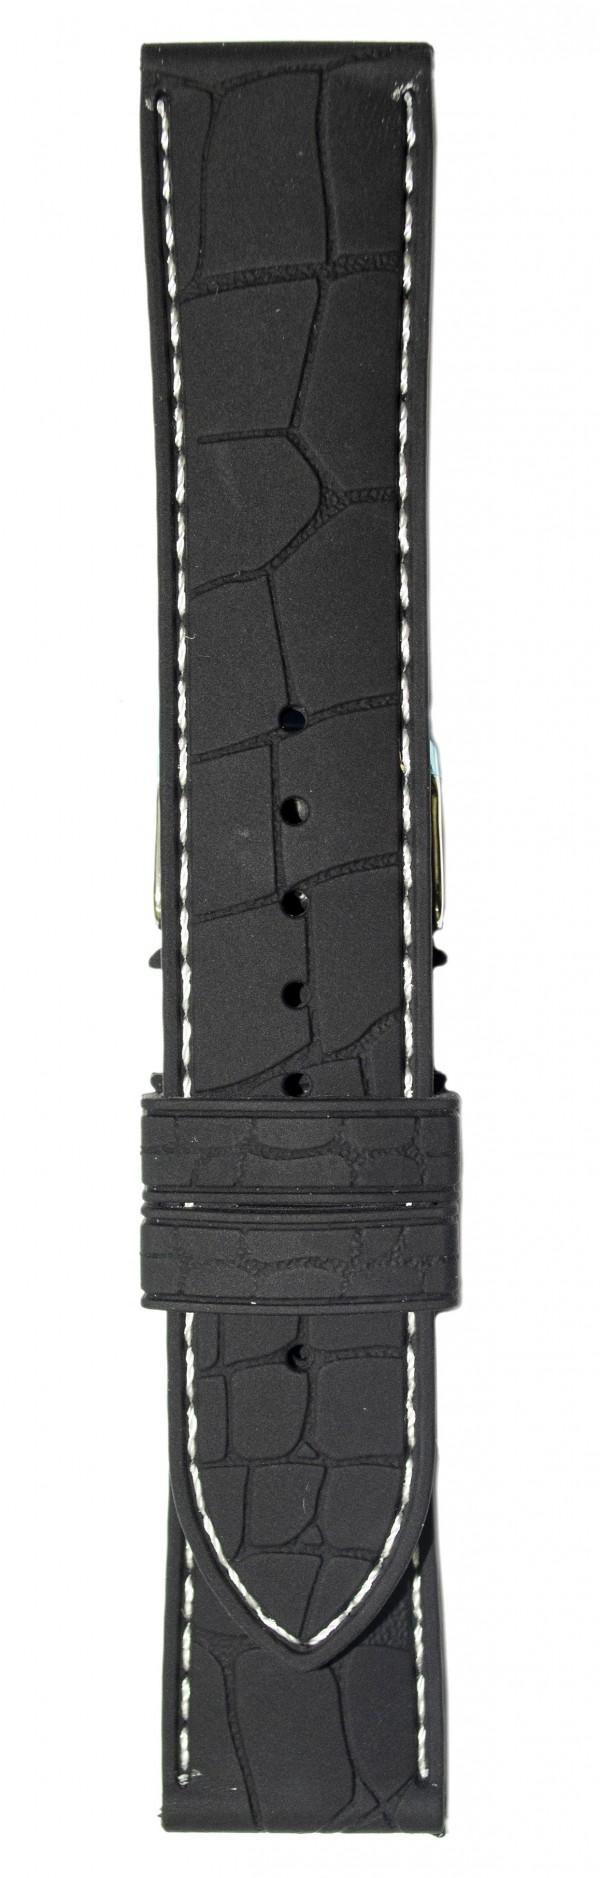 Silikonski kais - SK10 Crna boja 22mm